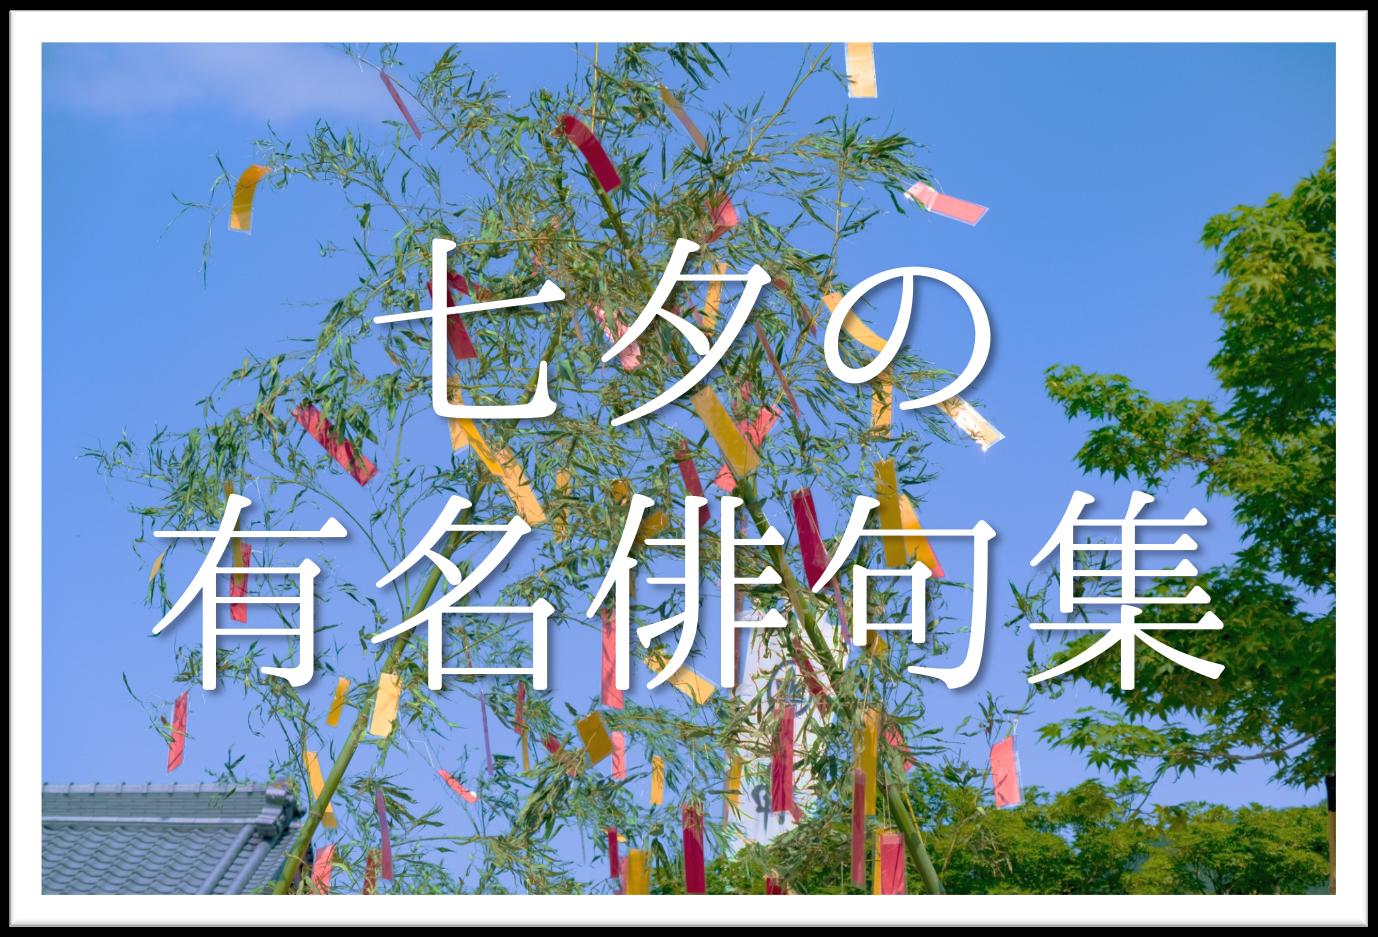 【七夕の有名俳句 20選】知っておきたい!!季語を含んだおすすめ俳句集を紹介!